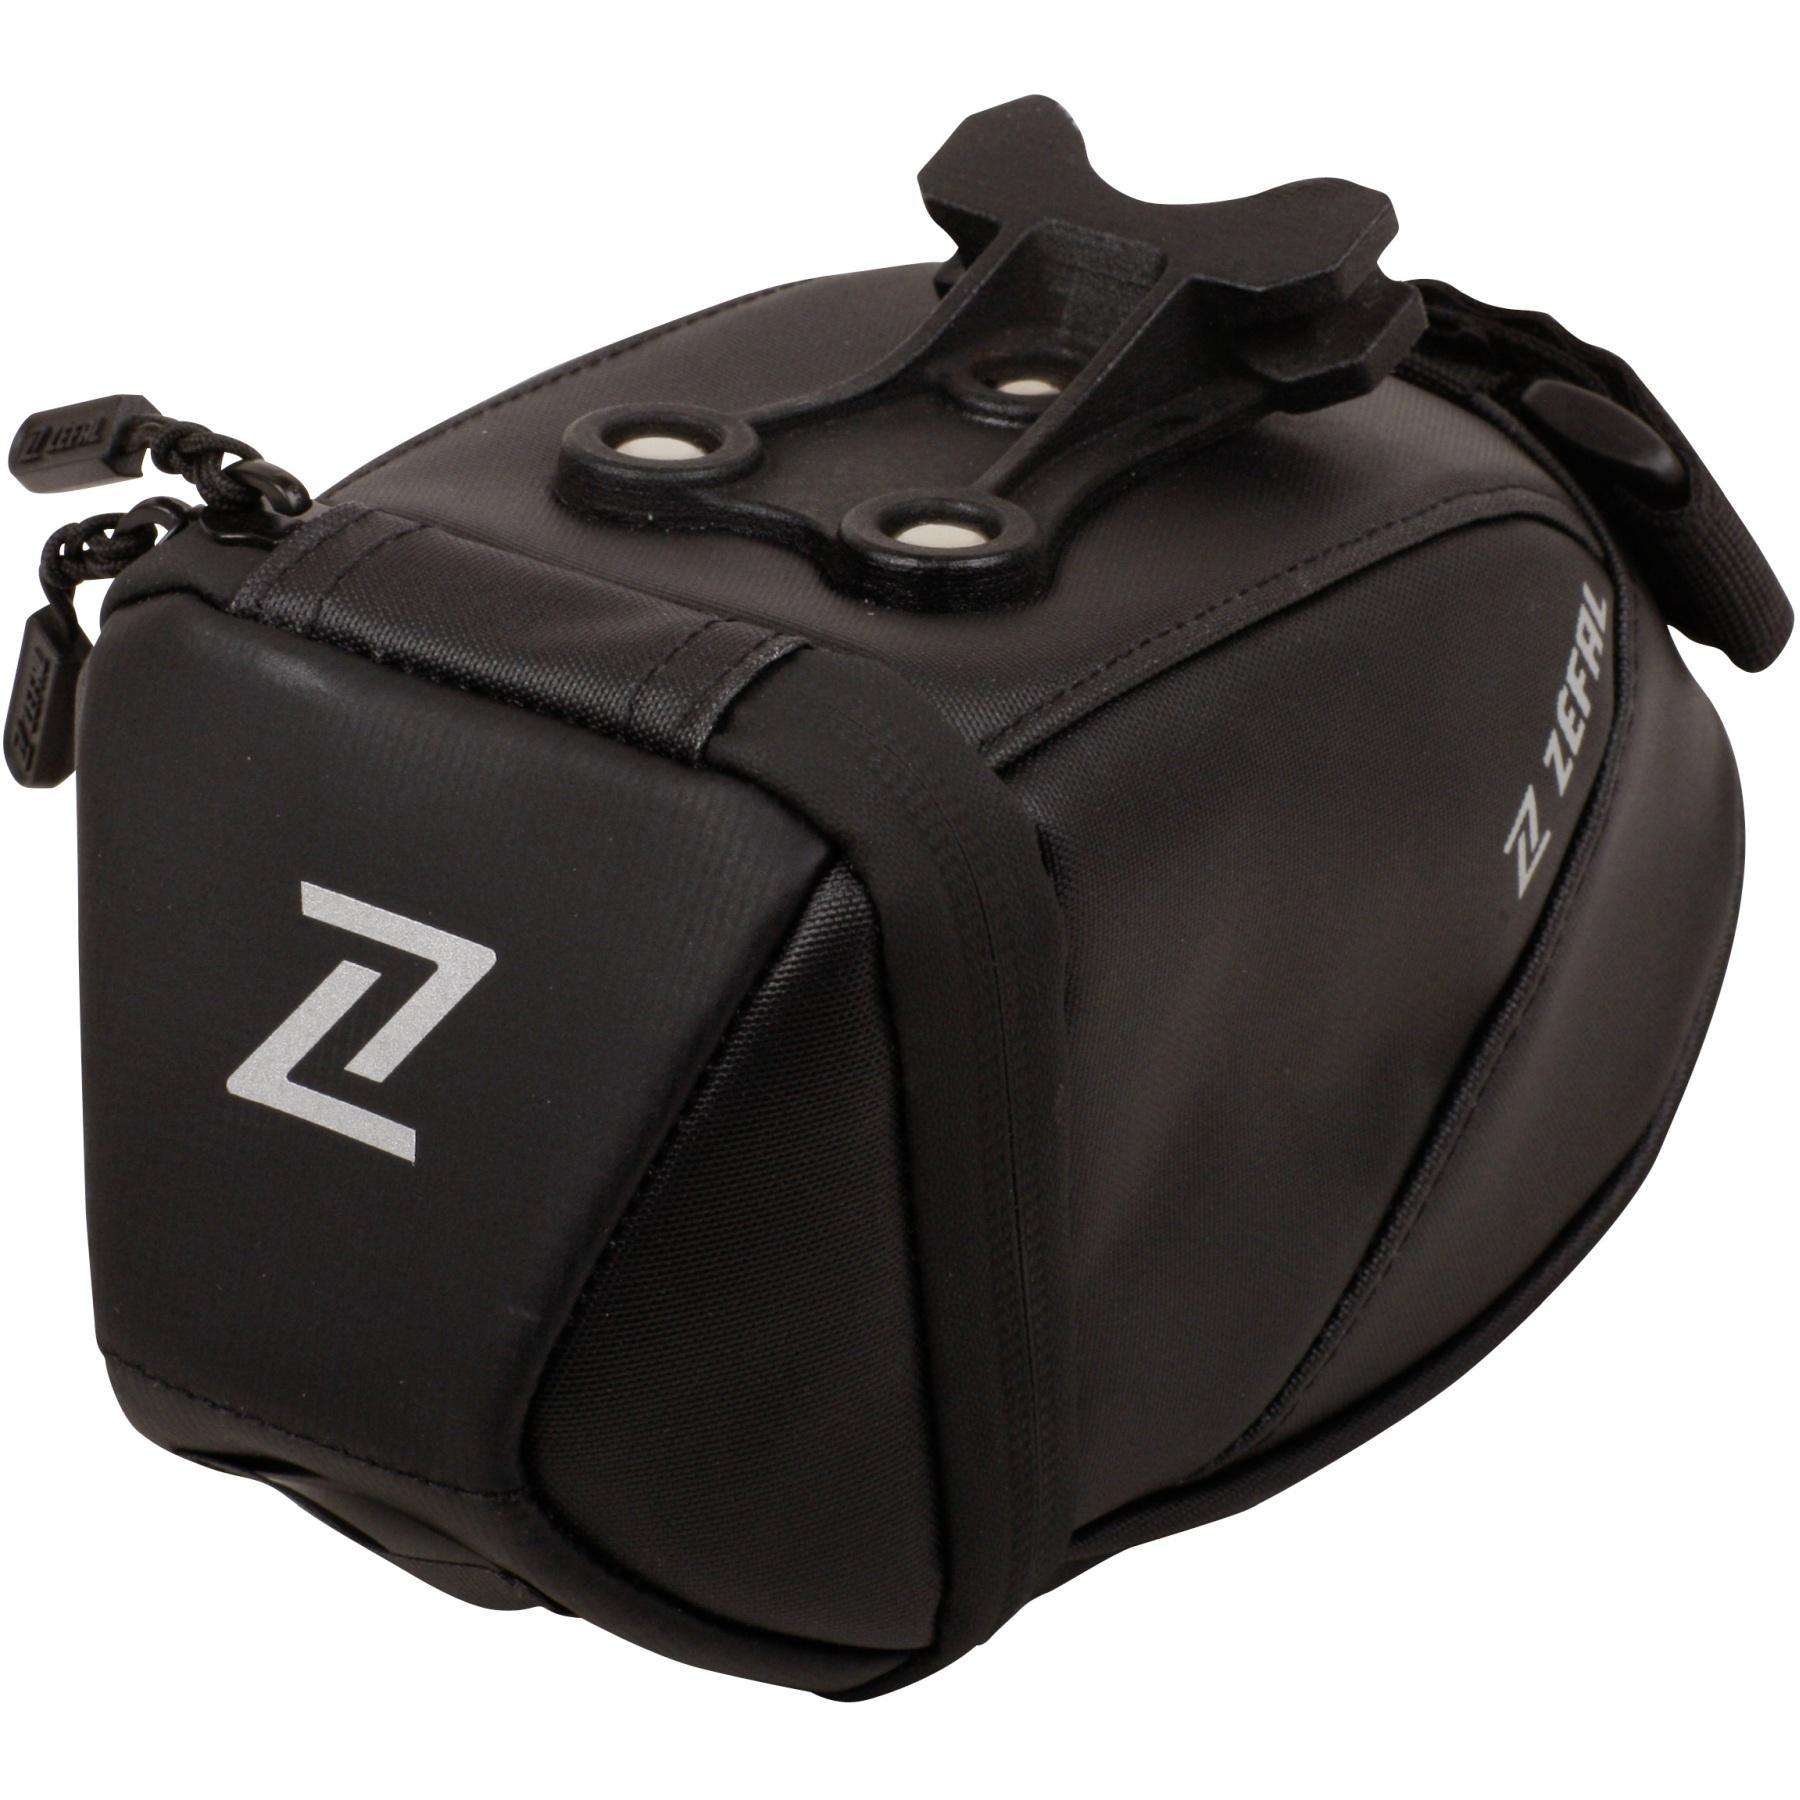 Bild von Zéfal Iron Pack 2 M-TF Satteltasche 0.9L - black